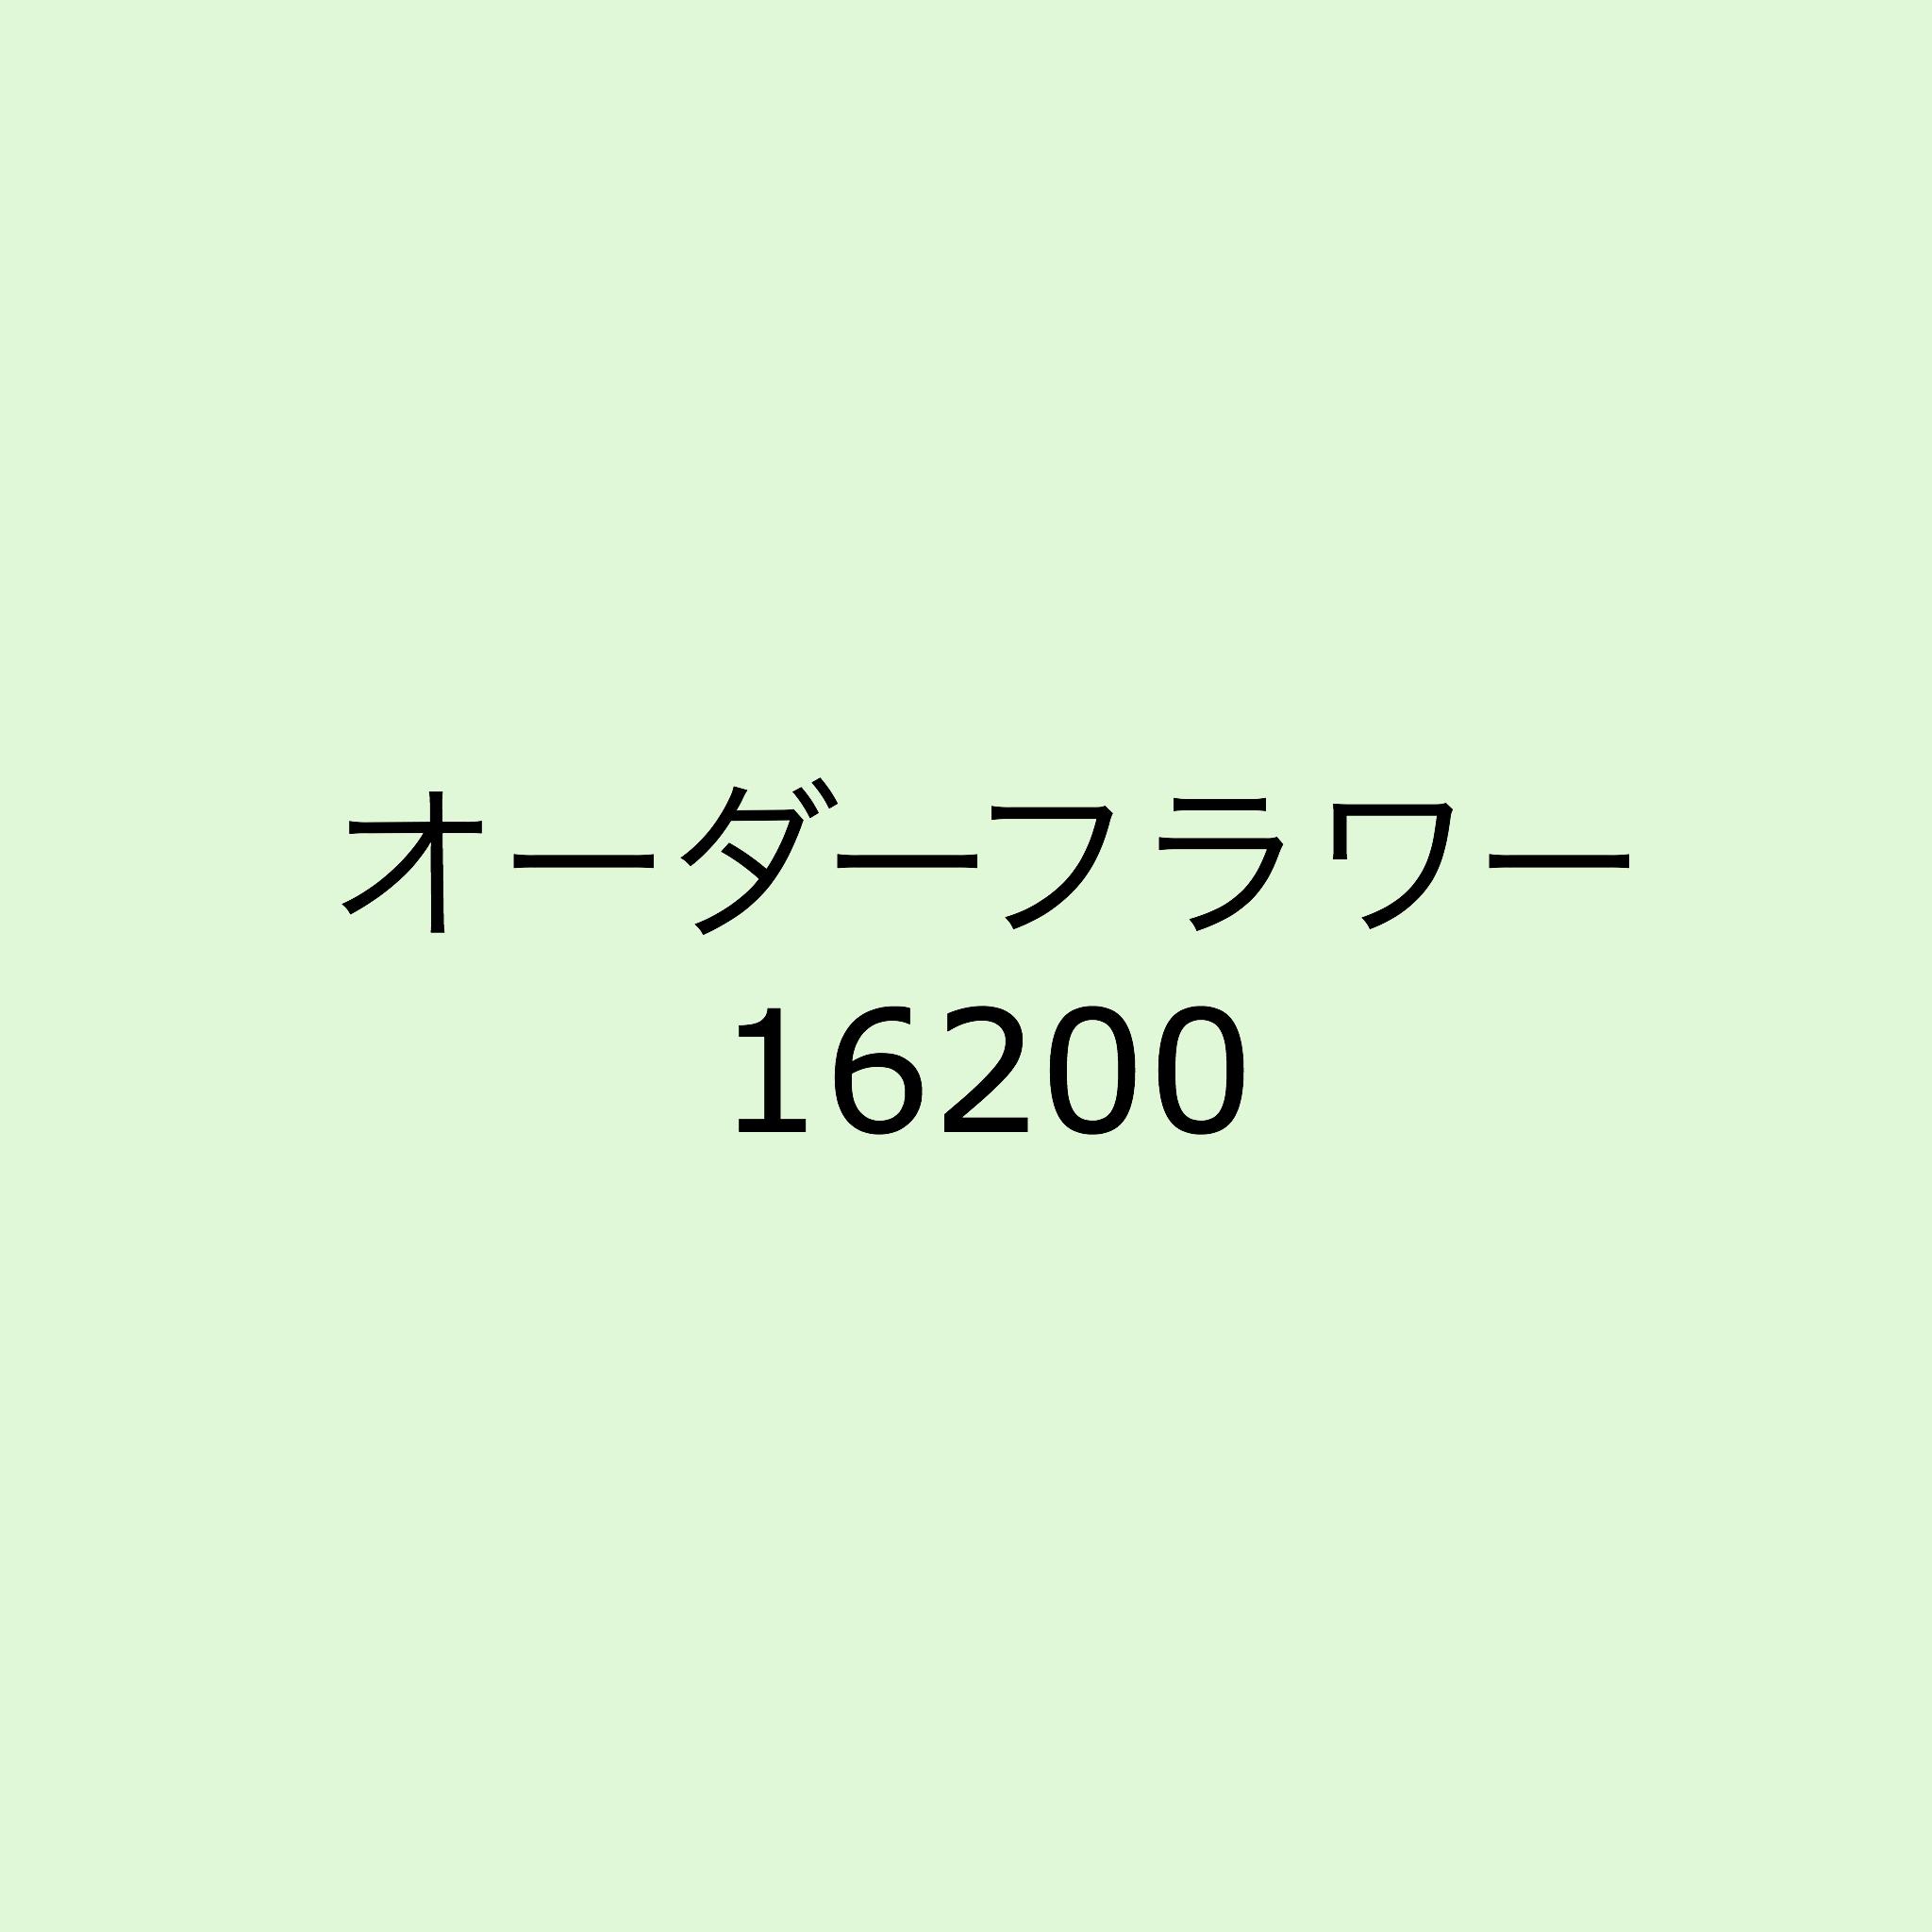 オーダーフラワー16200